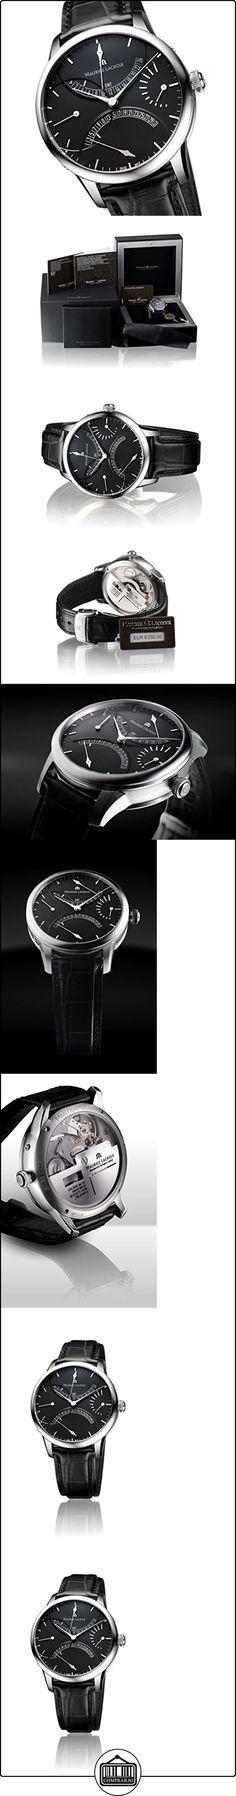 Maurice Lacroix Masterpiece Double Retro Grade Automatique mp6518de SS001-330  ✿ Relojes para hombre - (Lujo) ✿